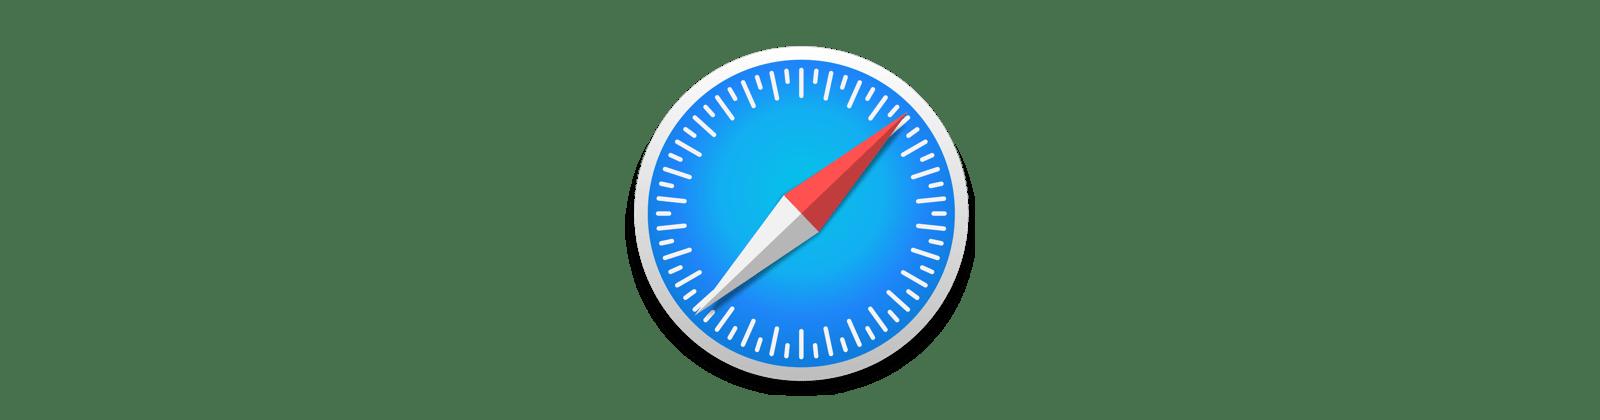 Apple Safari Security And Privacy Guide 2020 - Defending Digital - Safari Logo PNG